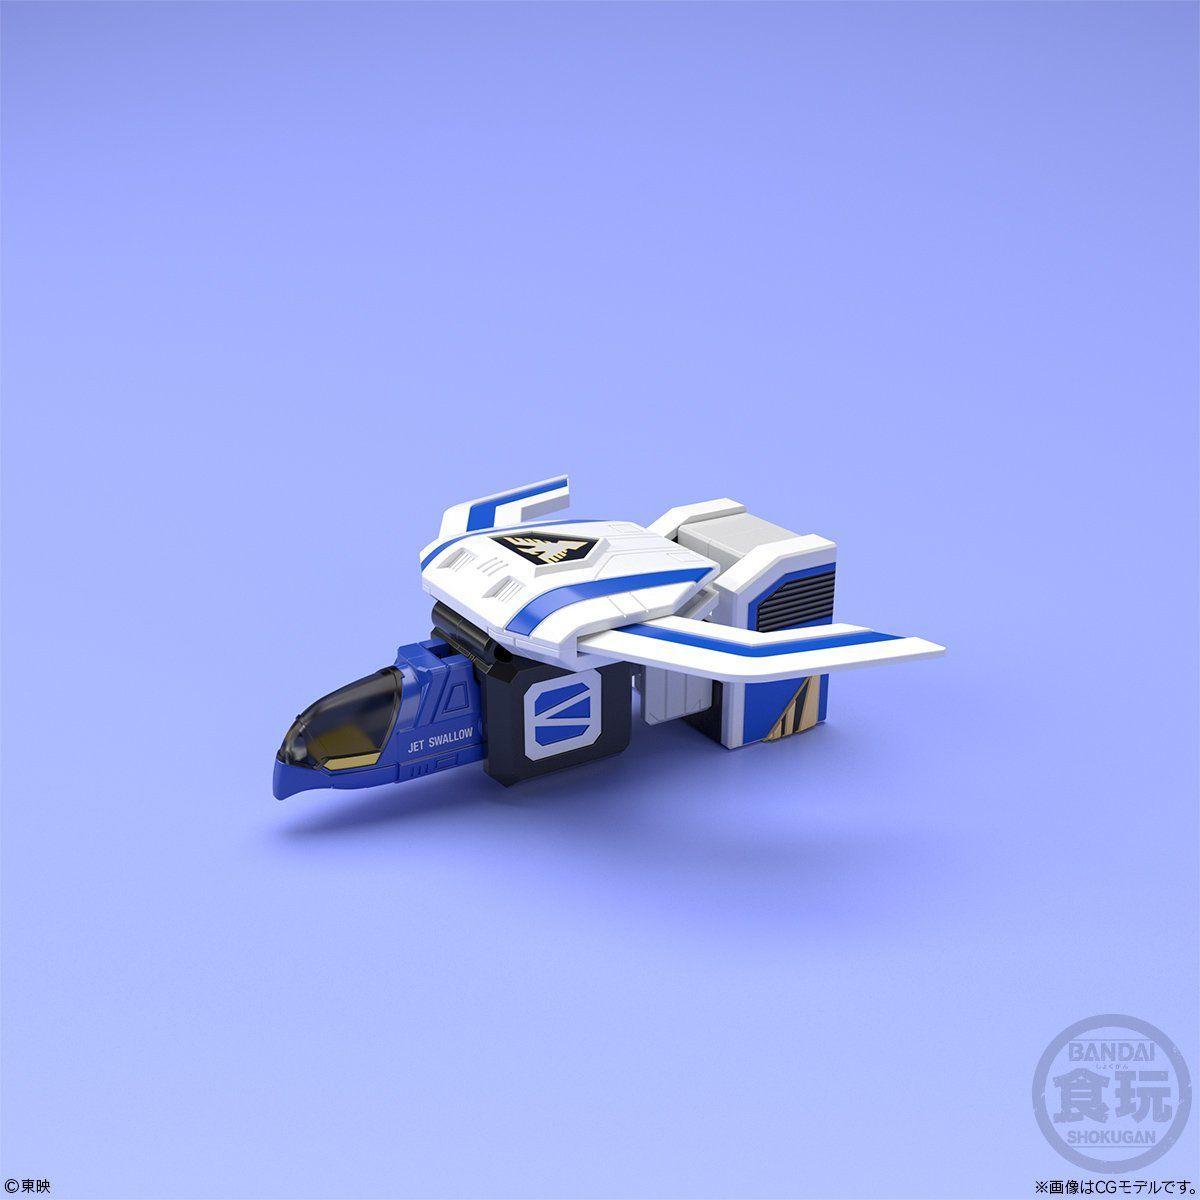 Super Minipla Jet Icarus (6)